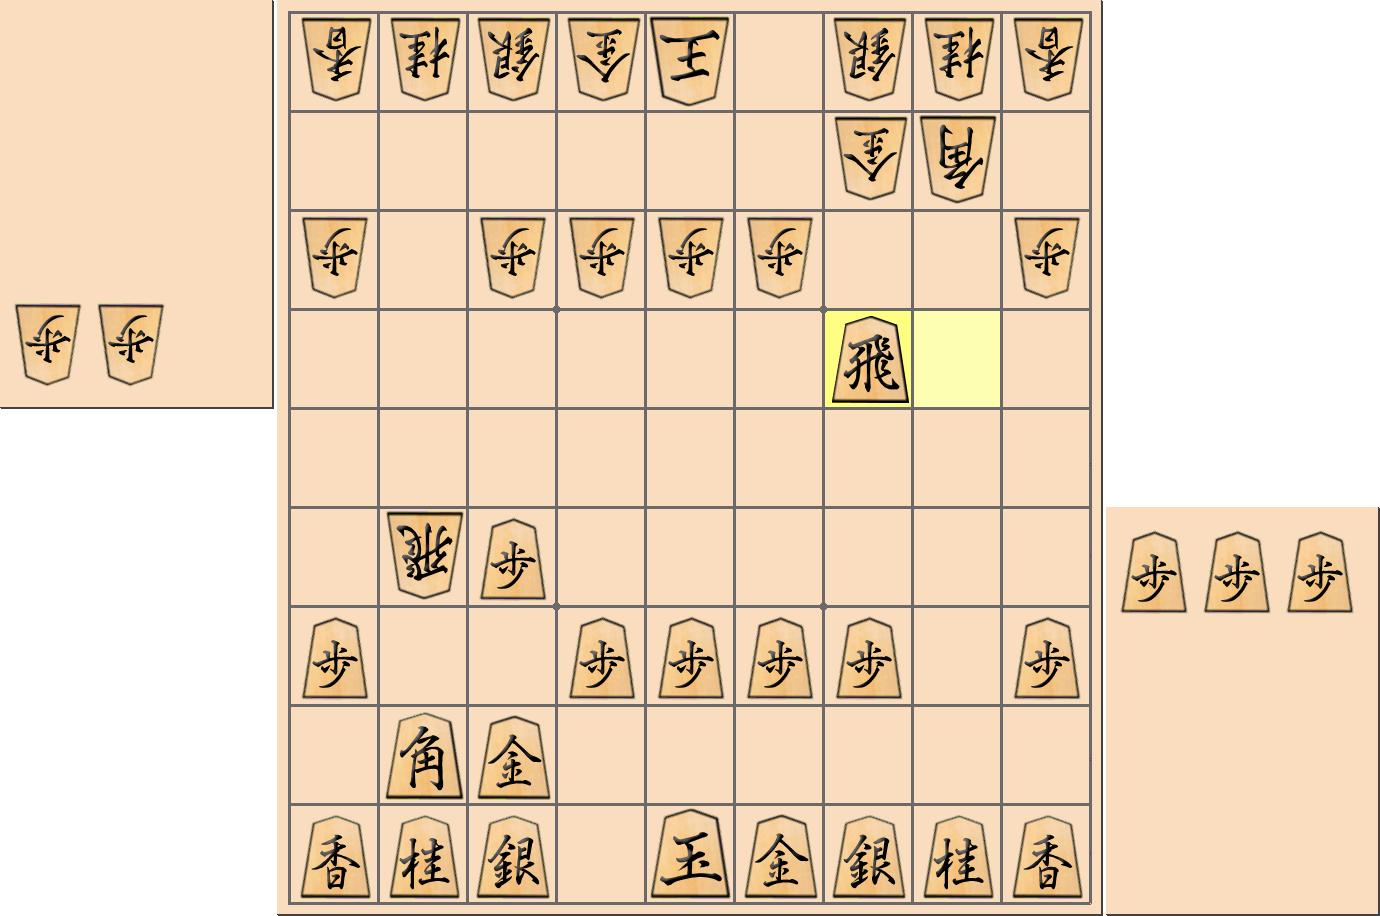 手得 - 将棋用語説明|将棋講座ドットコム